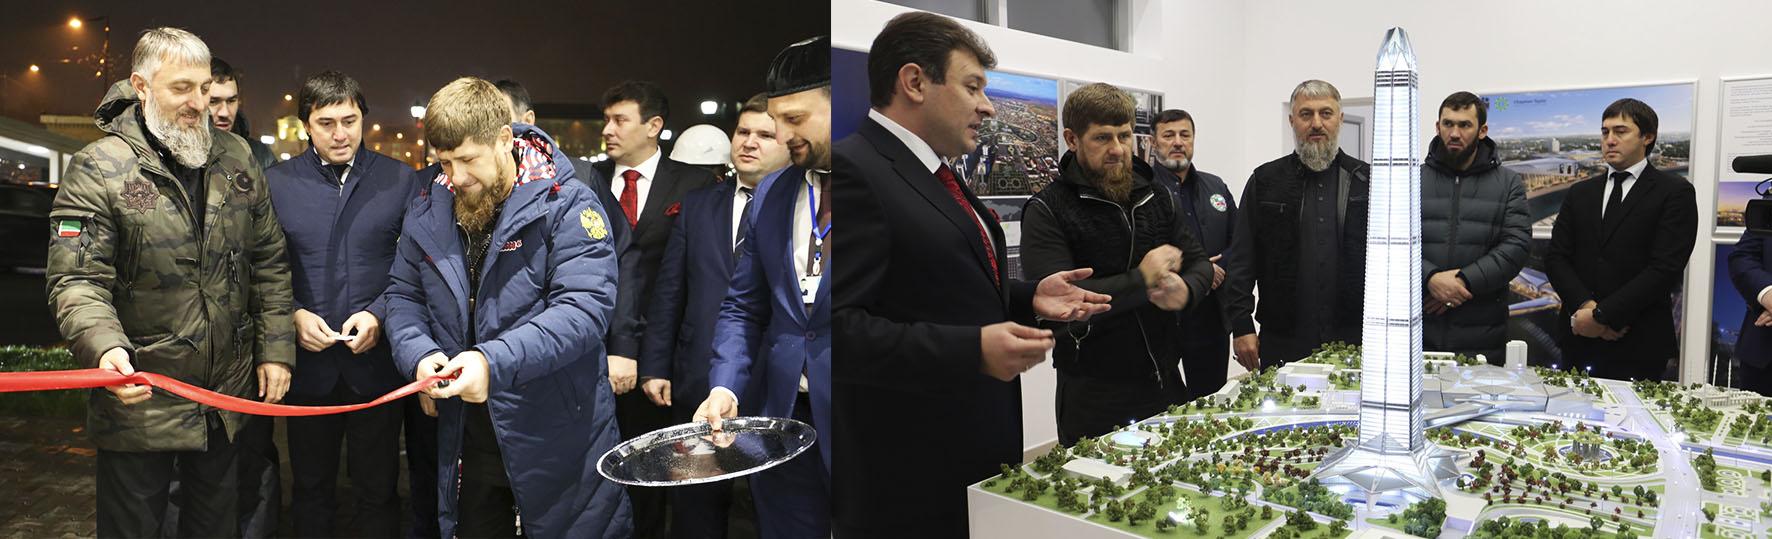 Реклама на телеканале НТВ Грозный Чечня